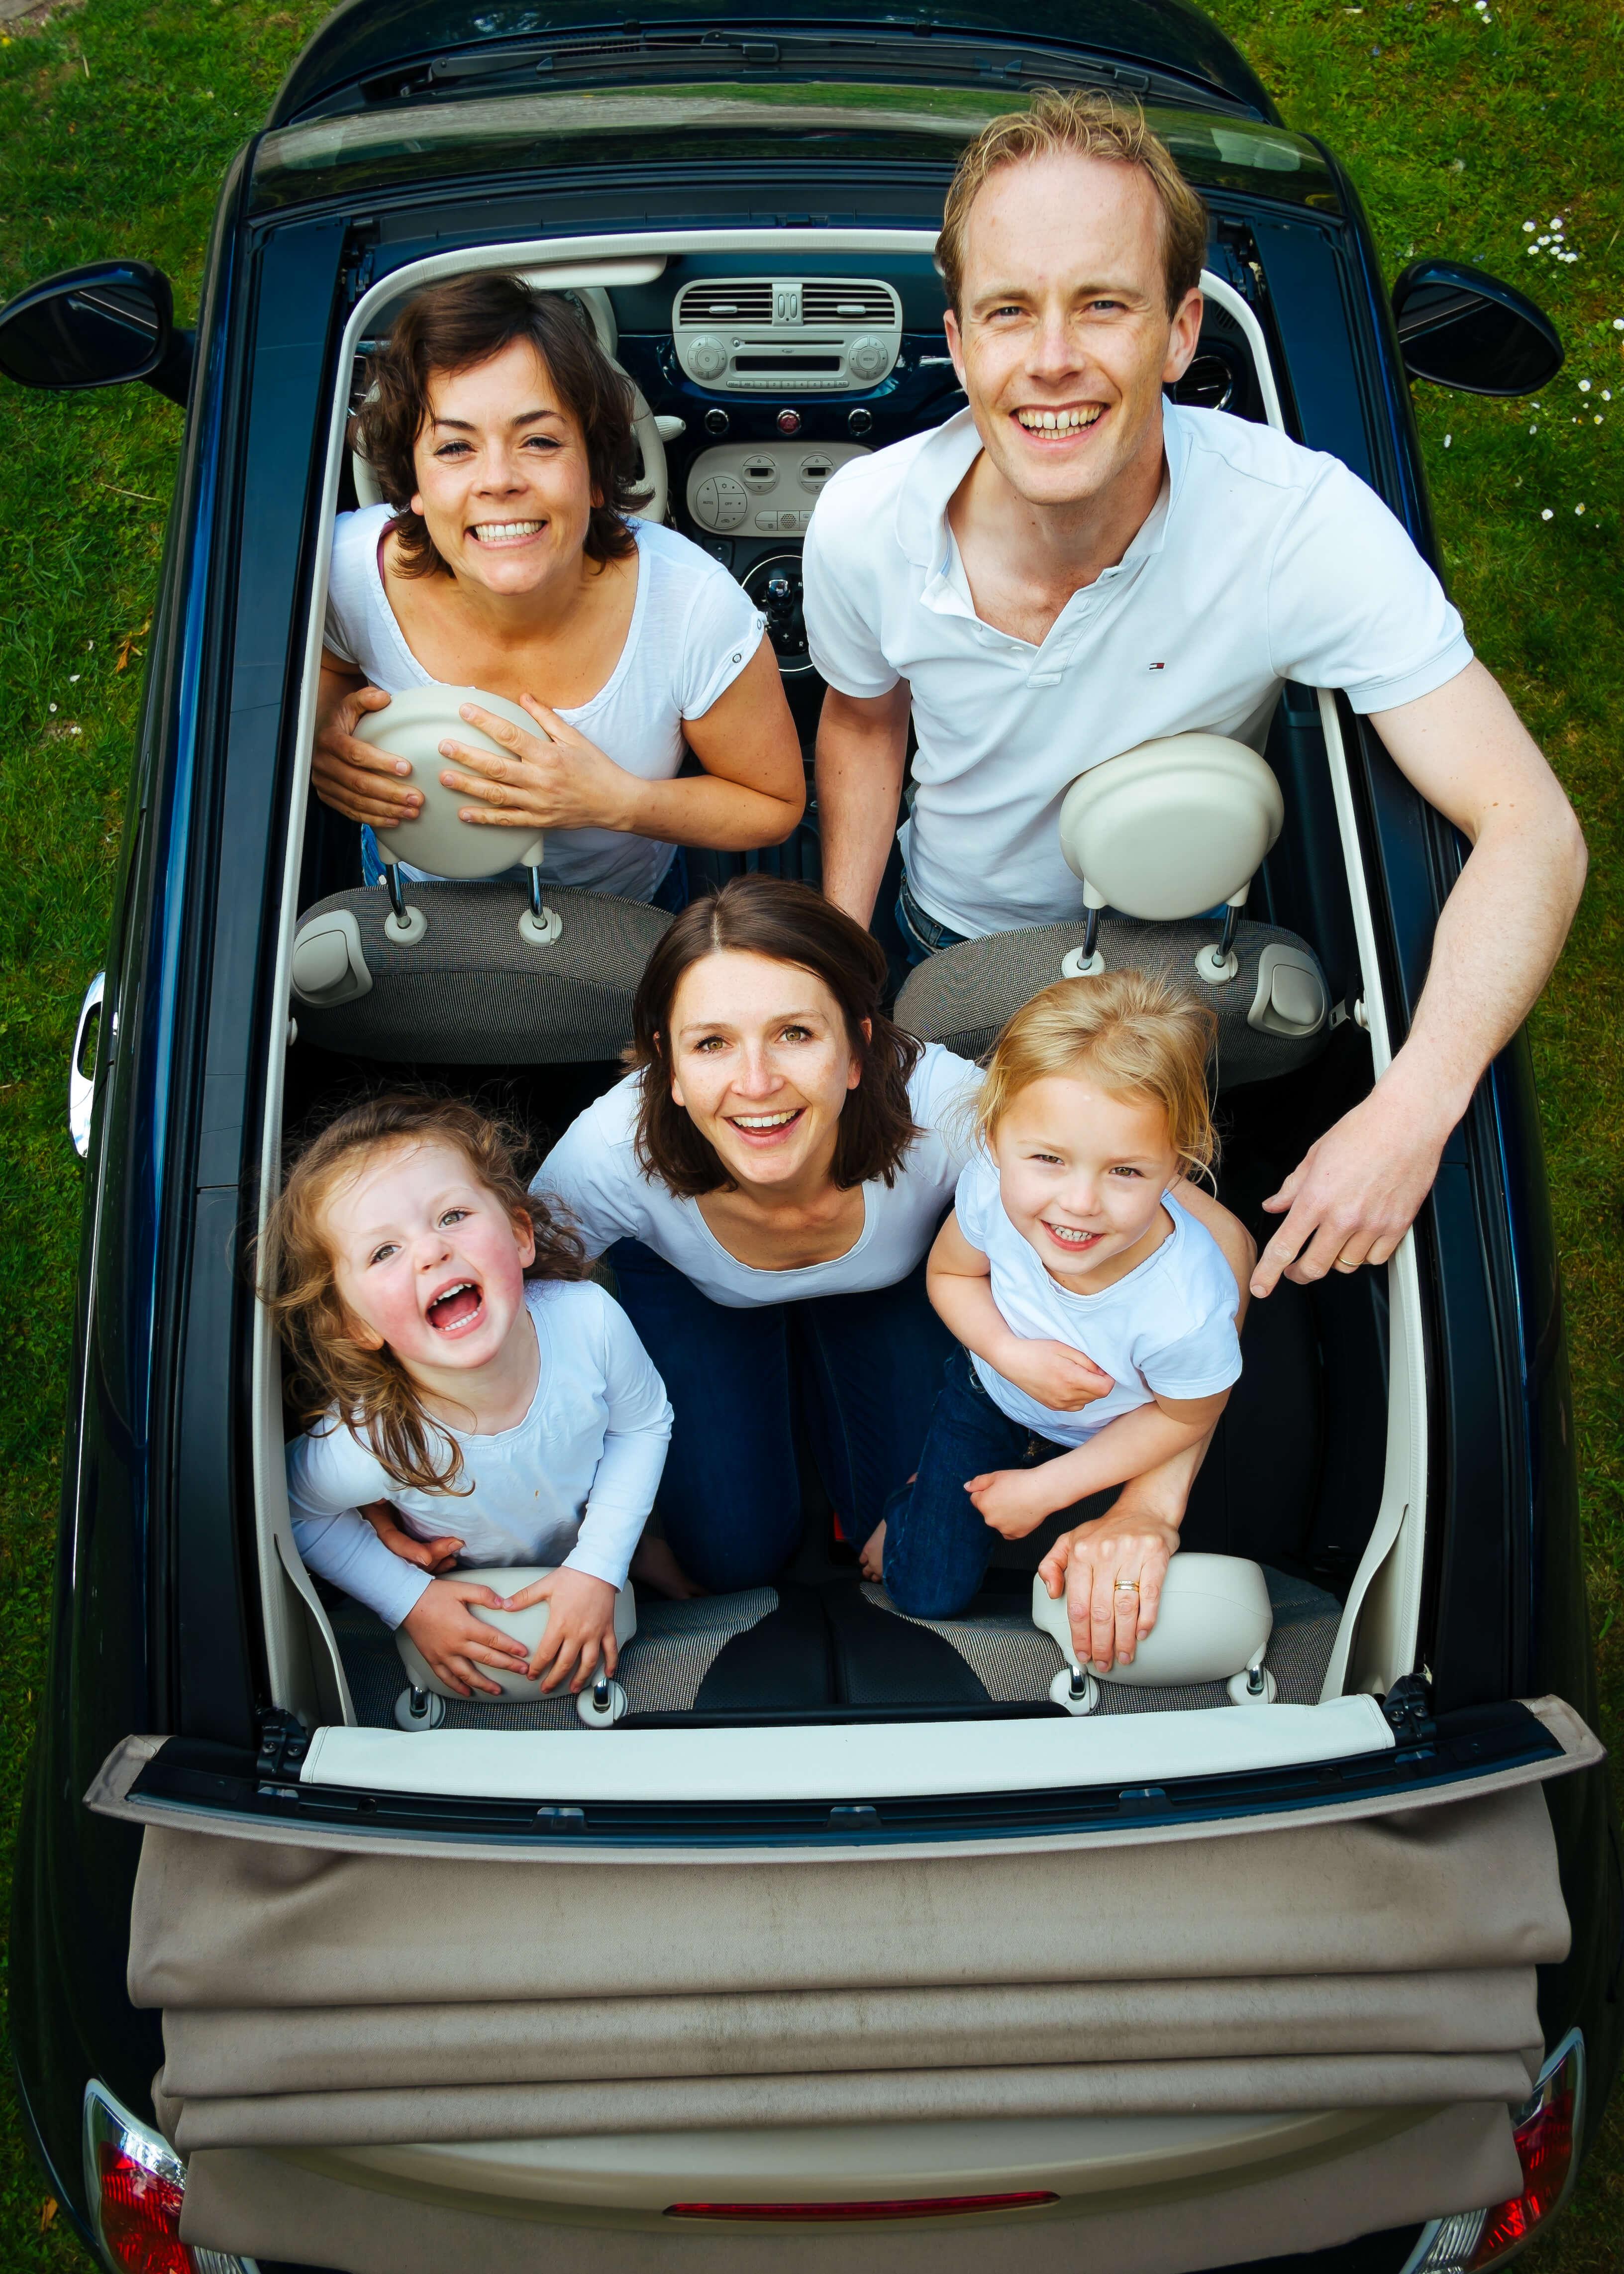 entretener a los niños en el coche